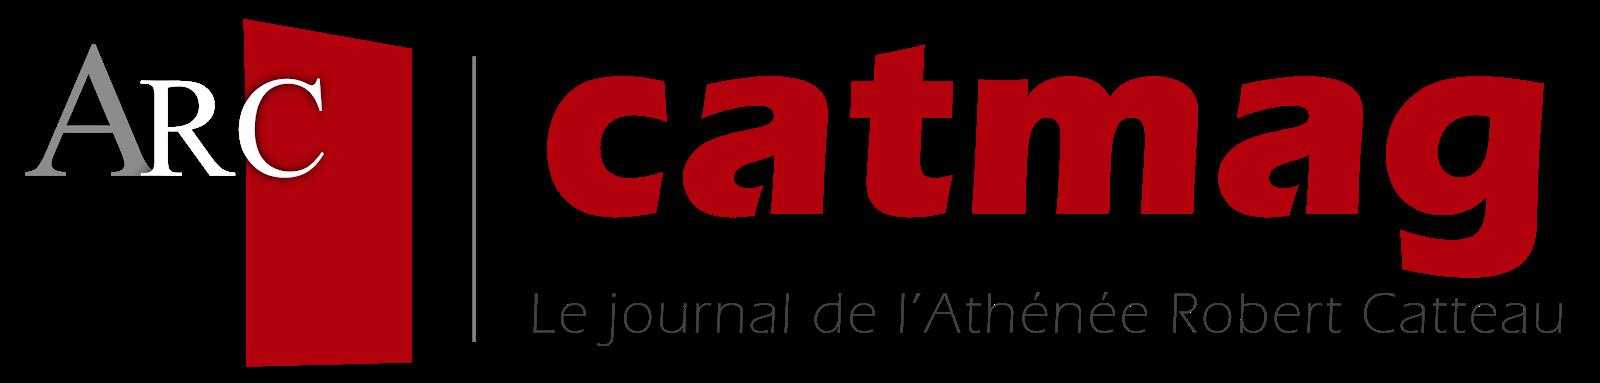 Catmag | Le journal de l'Athénée Robert Catteau